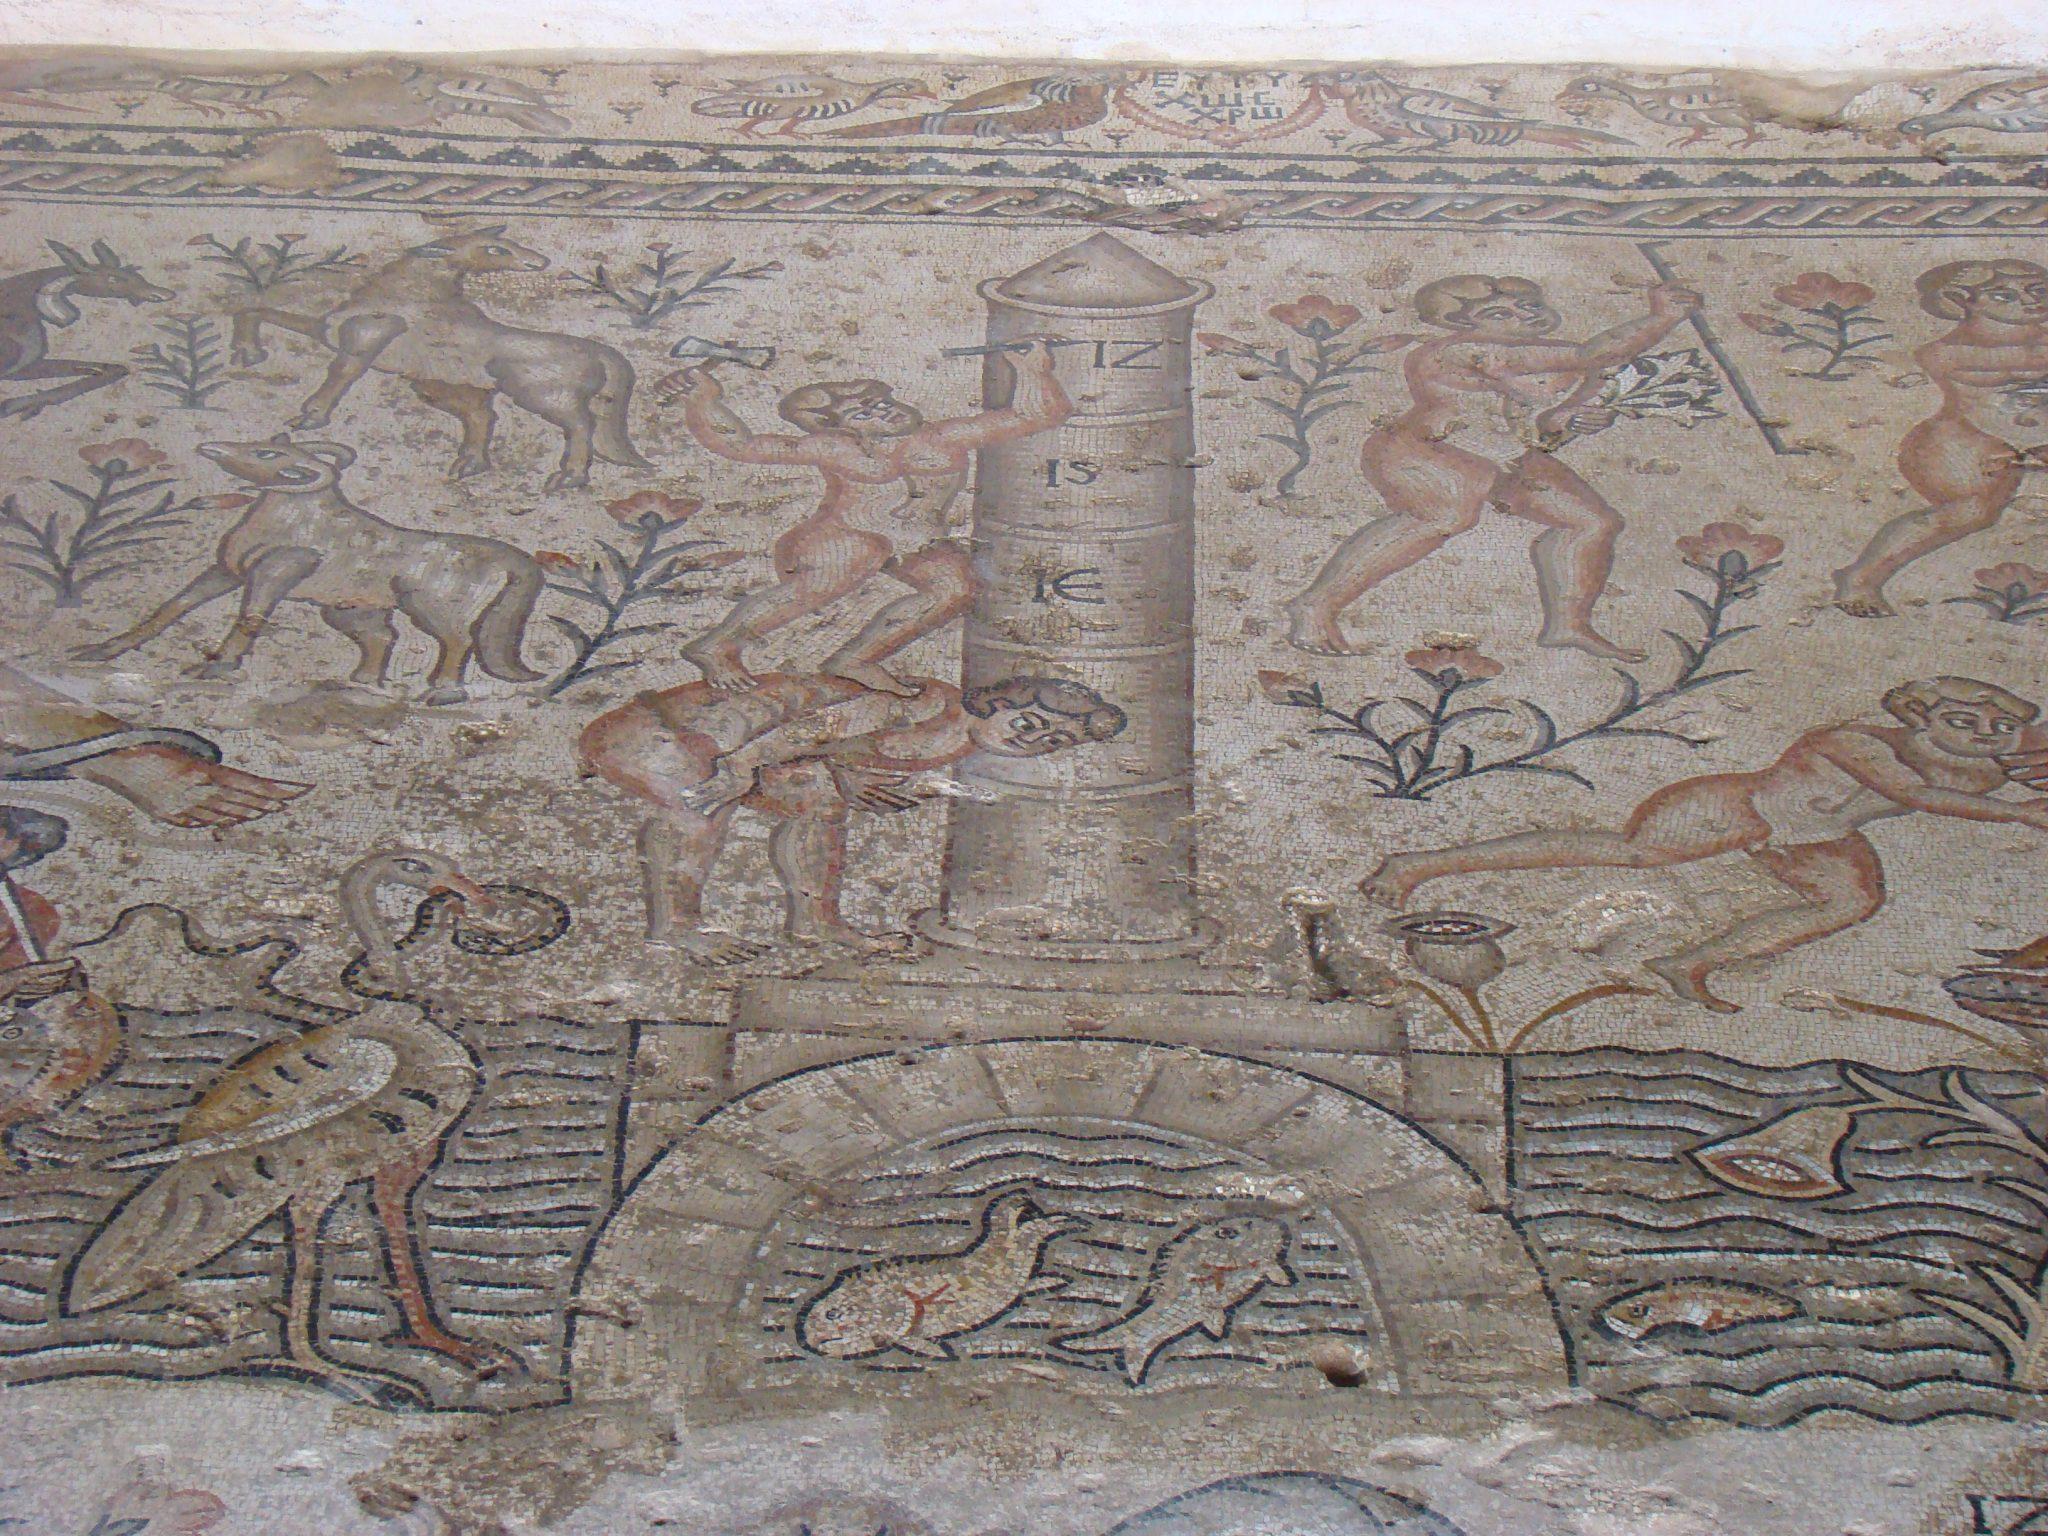 """פסיפס בית חג הנילוס בגן לאומי ציפורי (צילום: ד""""ר ענת אביטל)"""